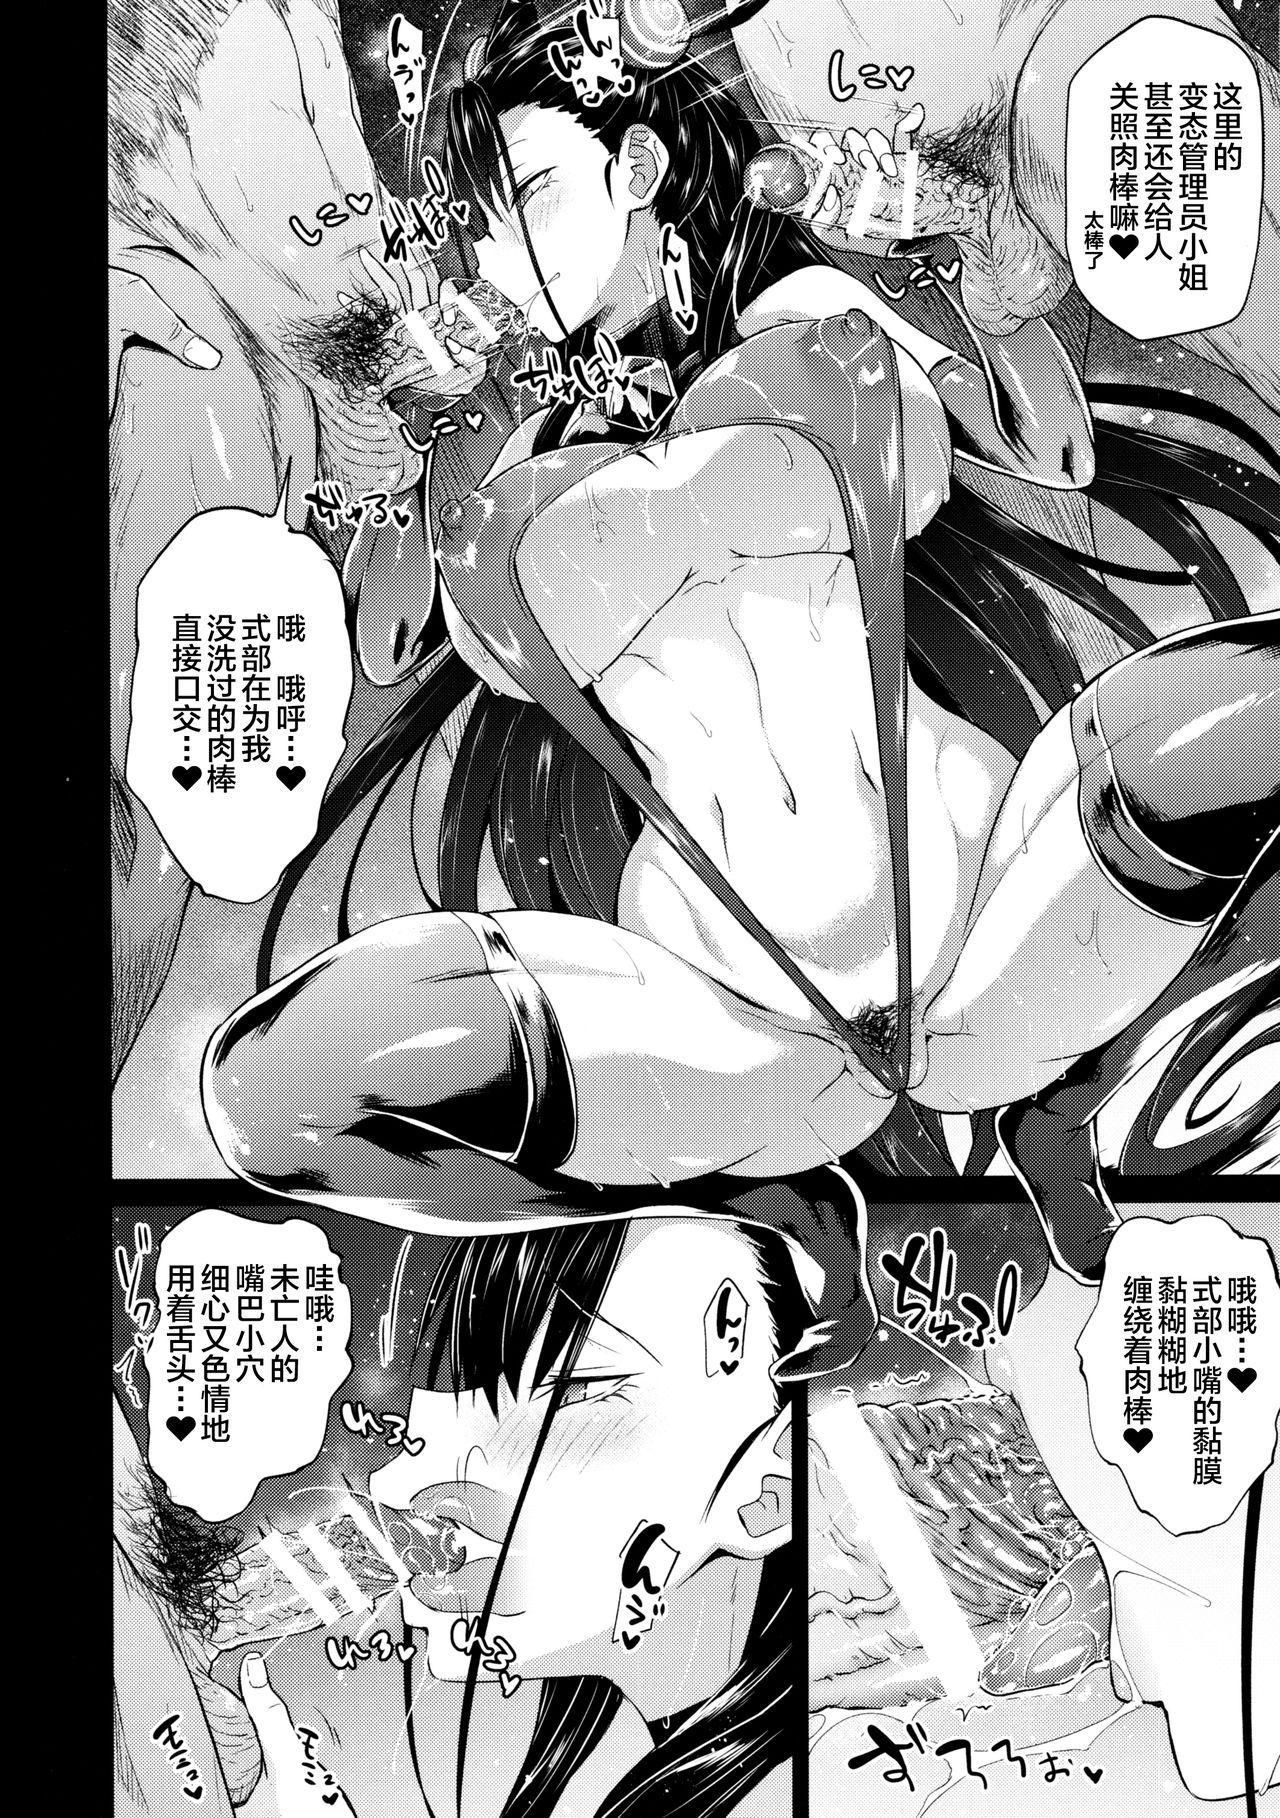 Murasaki Shikibu Nikuyoku Inbiroku 6